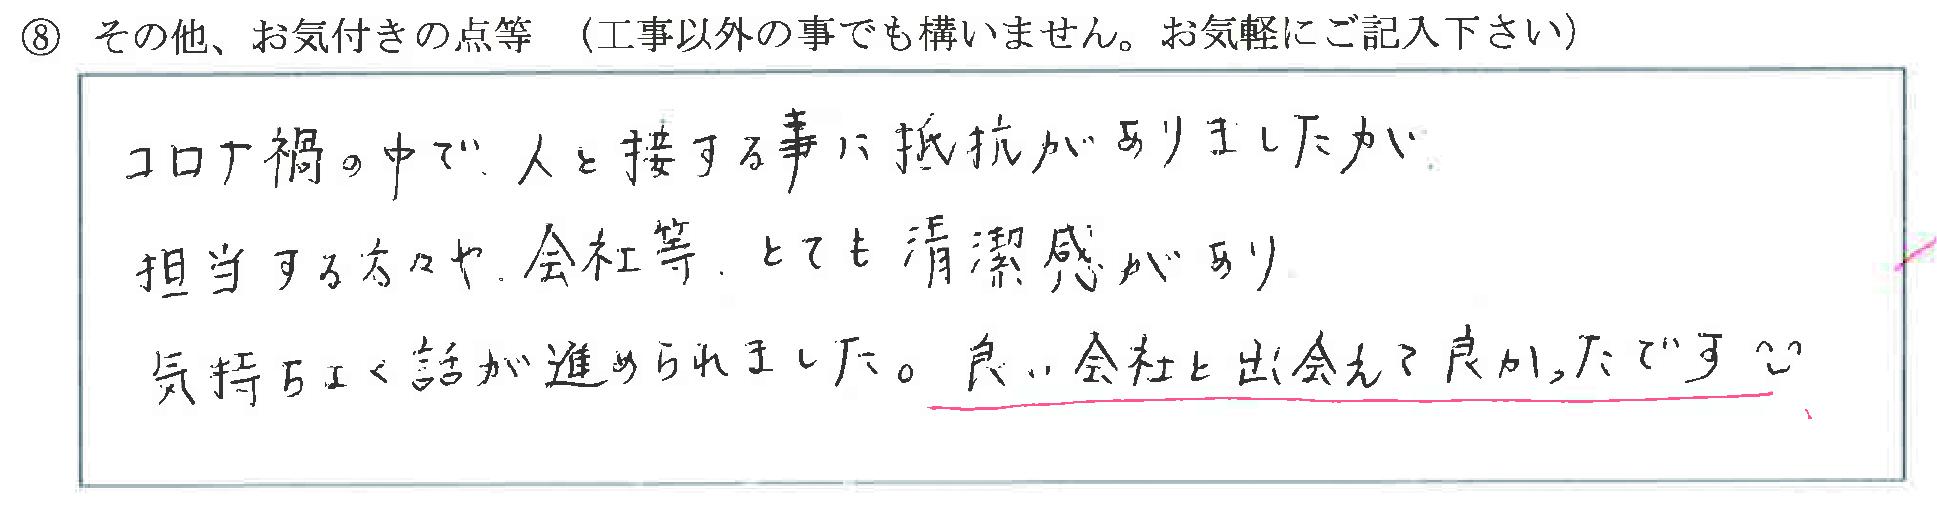 富山県富山市I様に頂いた外装改修、内装工事についてのお気づきの点がありましたら、お聞かせ下さい。というご質問について「外装改修、内装工事【  お喜びの声  】」というお声についての画像